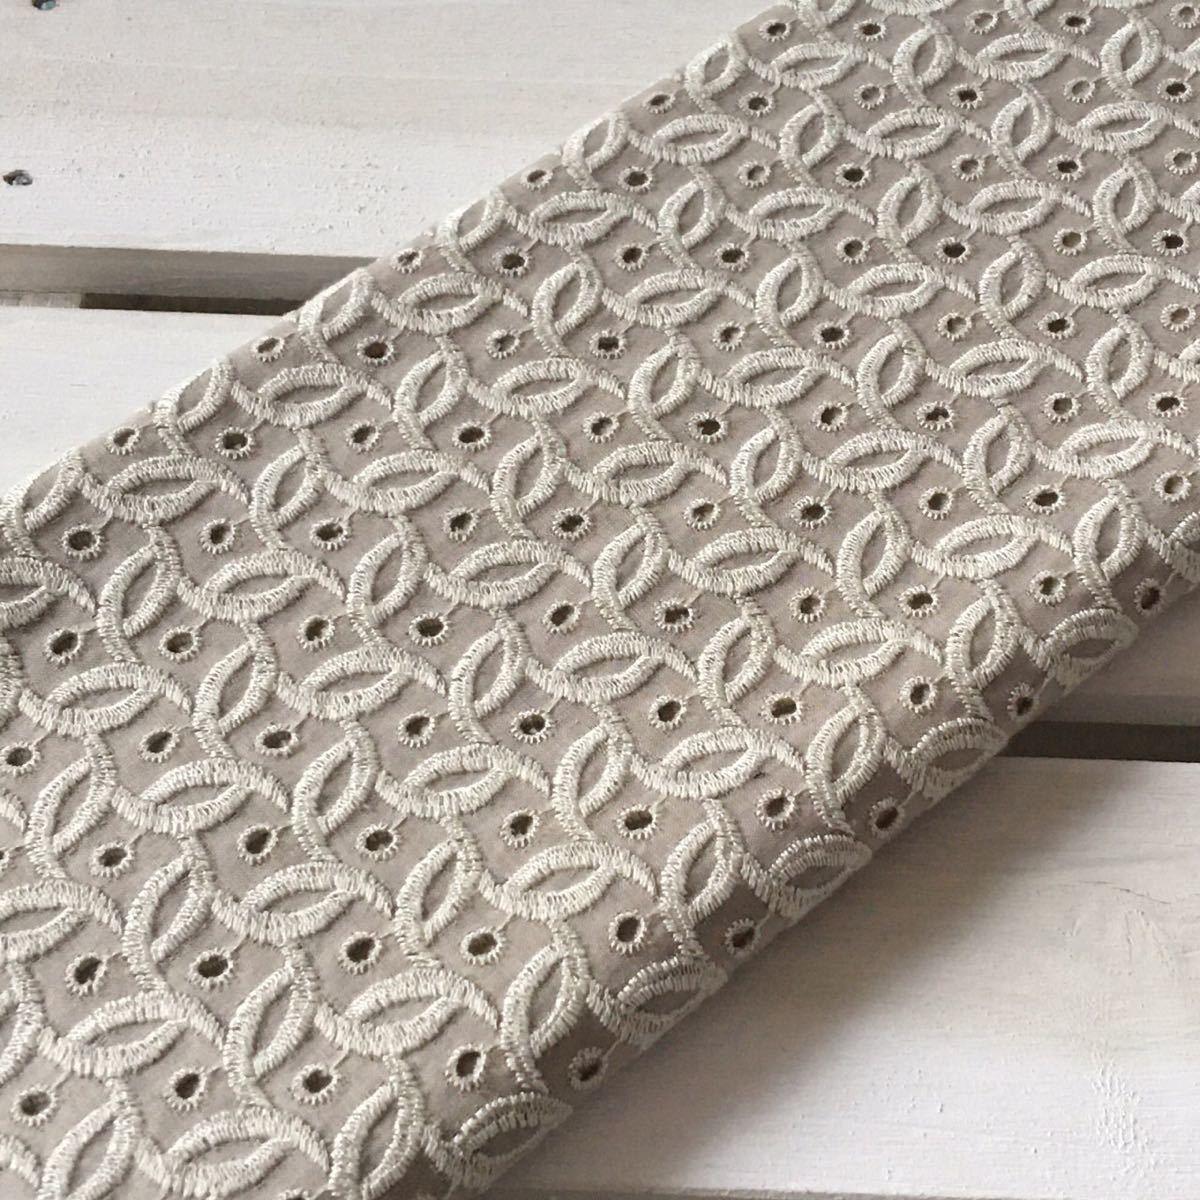 国産高級刺繍レース生地 小さめ編み目柄刺繍コットンレース生地 刺繍生地 ハギレ